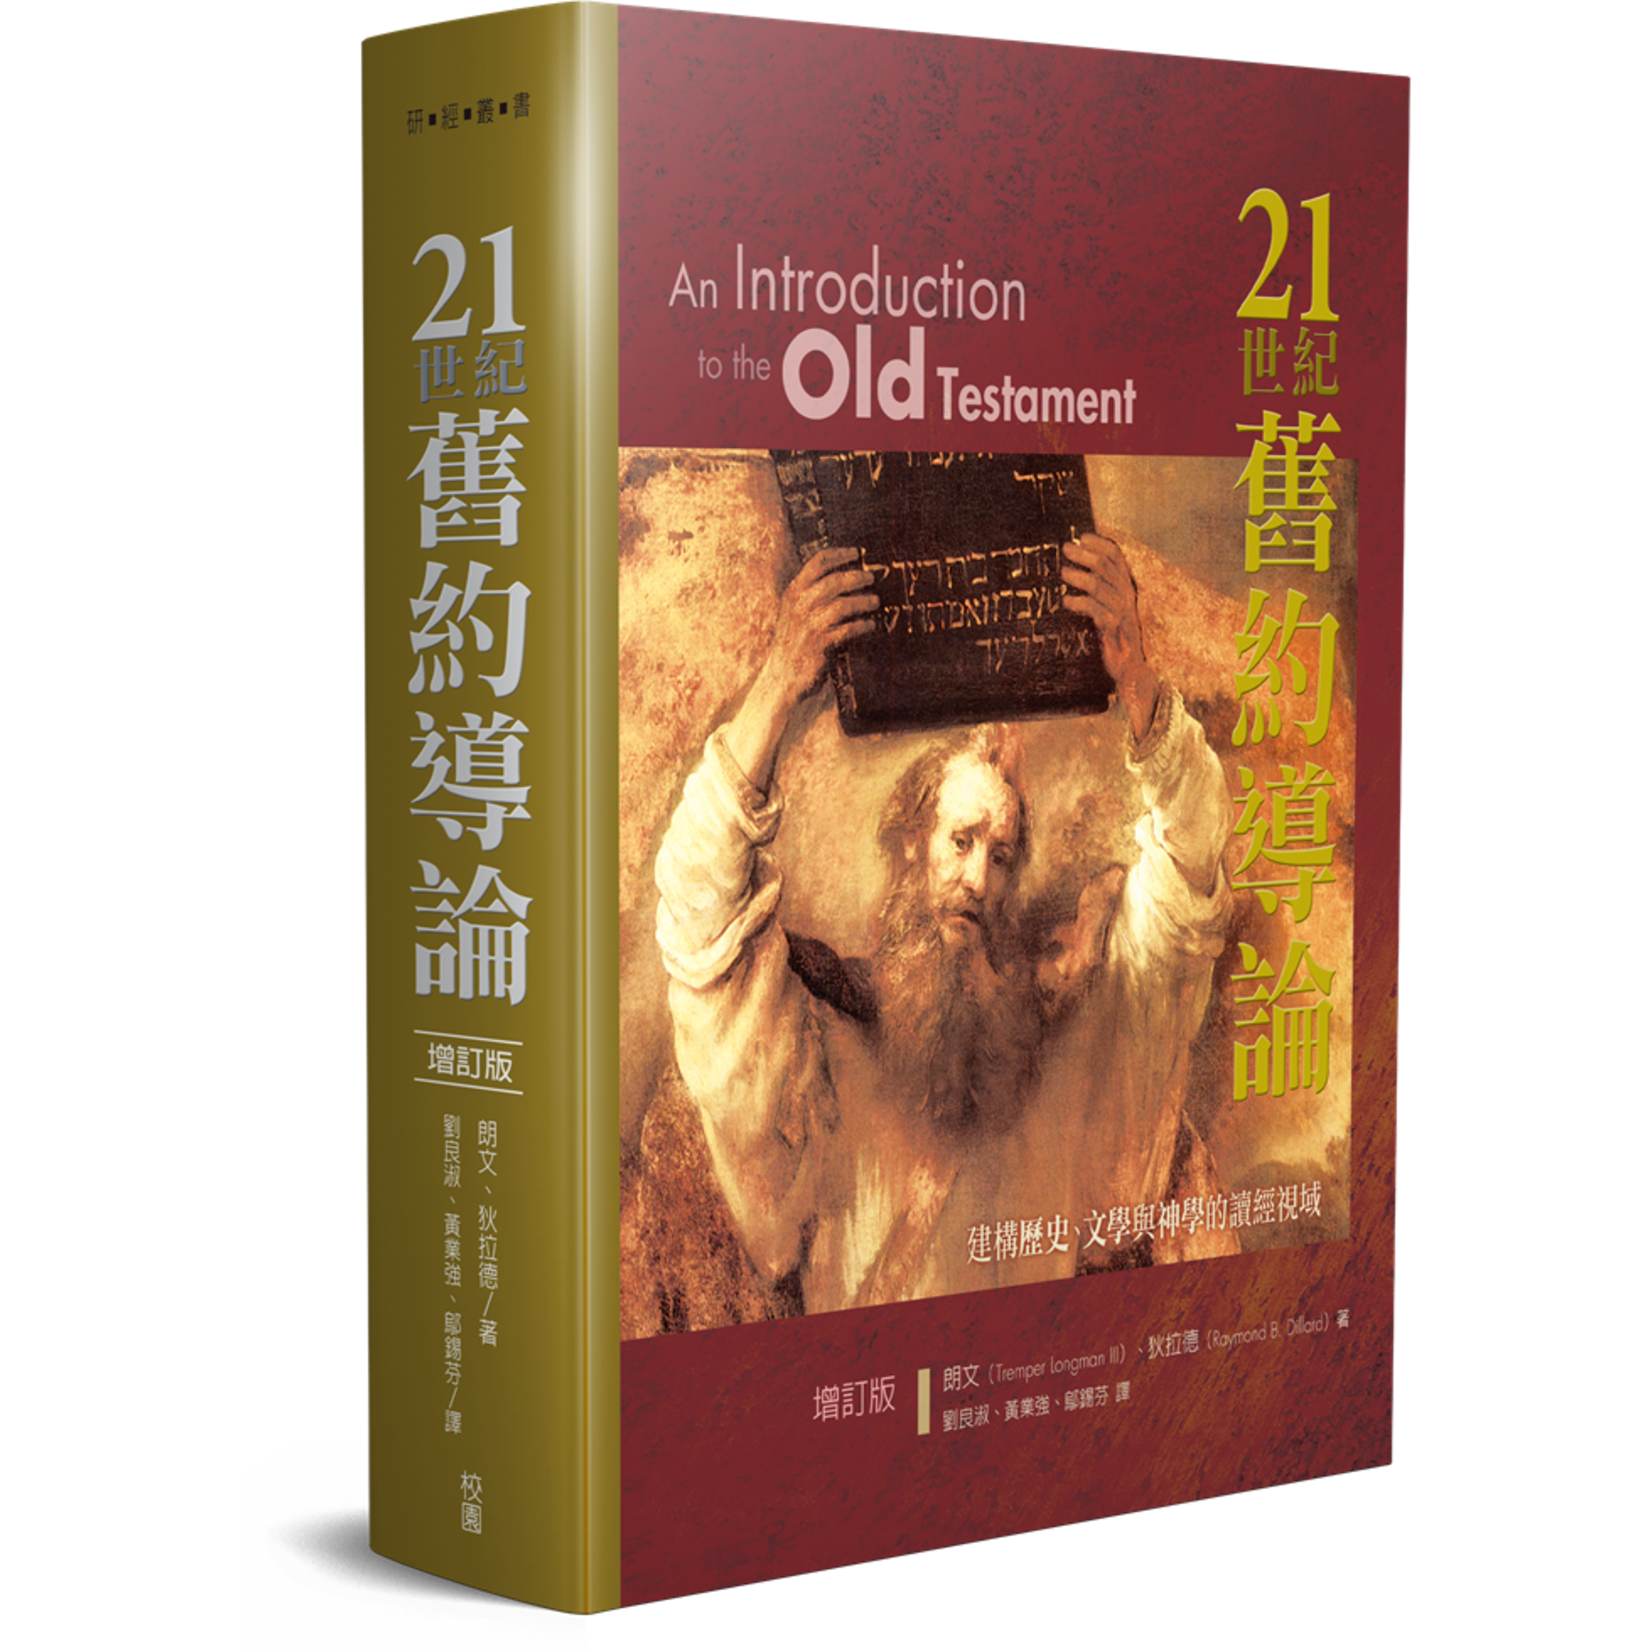 校園書房 Campus Books 21世紀舊約導論(增訂版) An Introduction to the Old Testament (Second Edition)